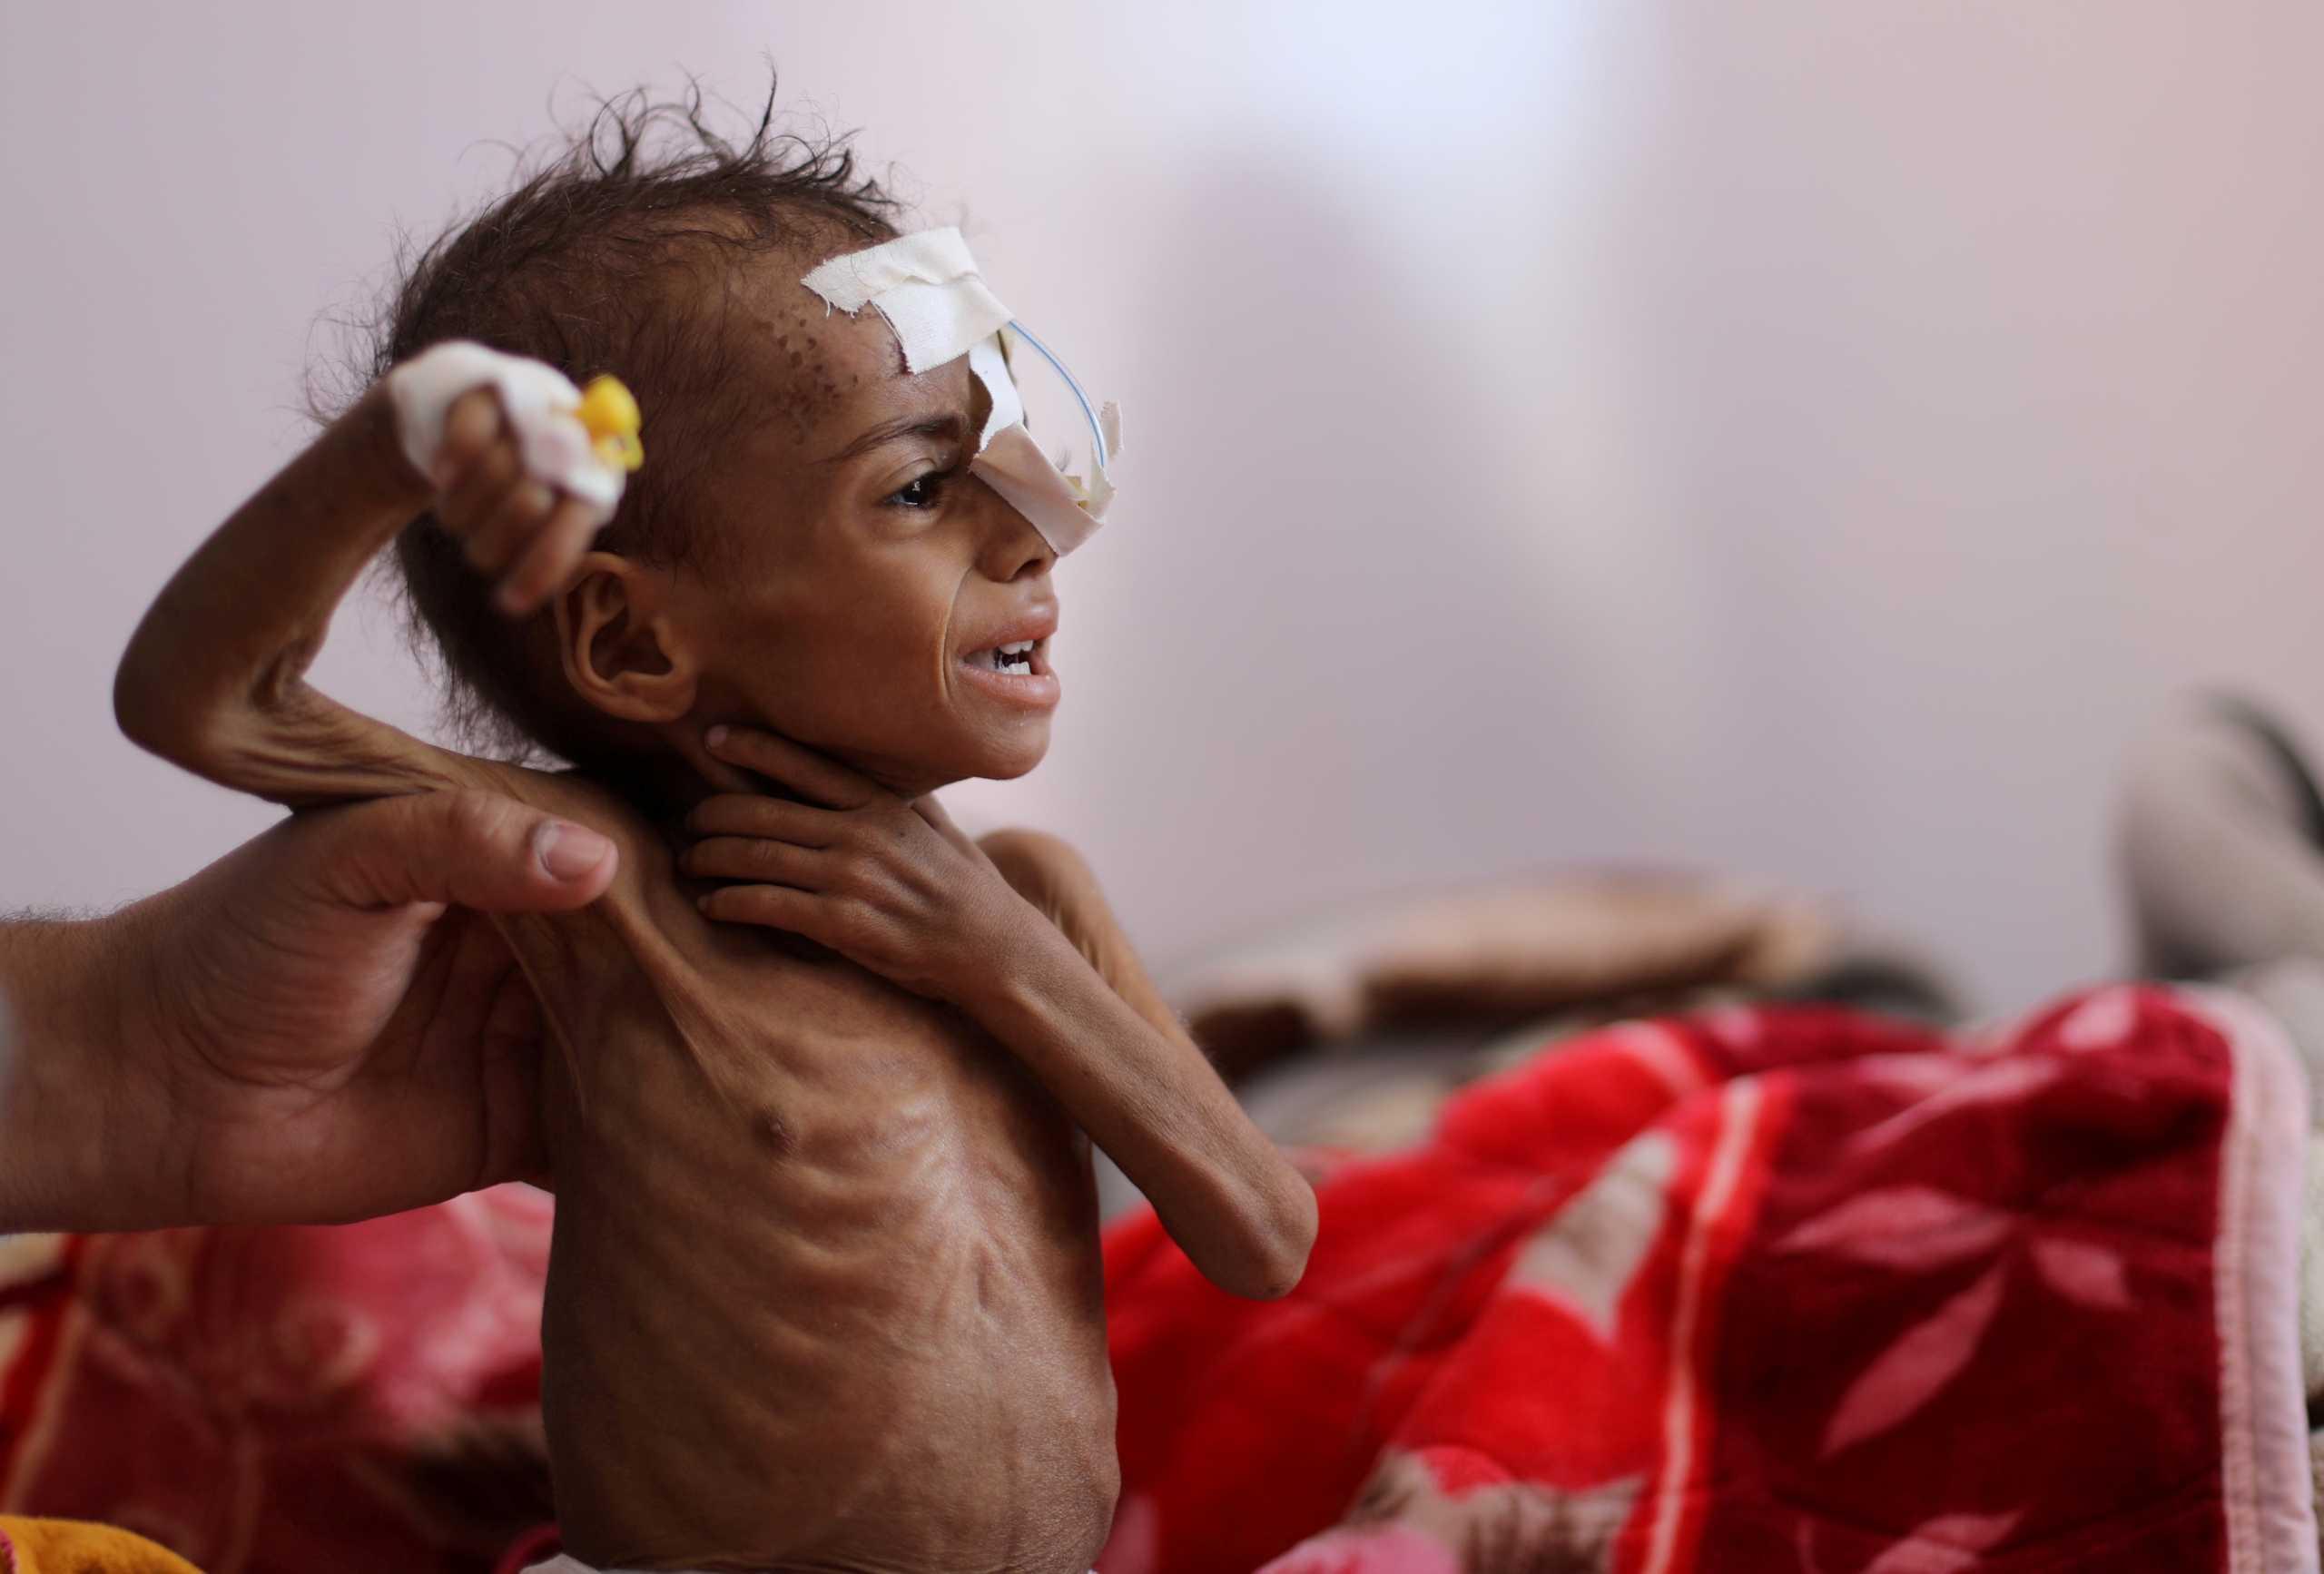 Υεμένη: Τα μισά από τα παιδιά κάτω των 5 ετών θα υποφέρουν από υποσιτισμό το 2021